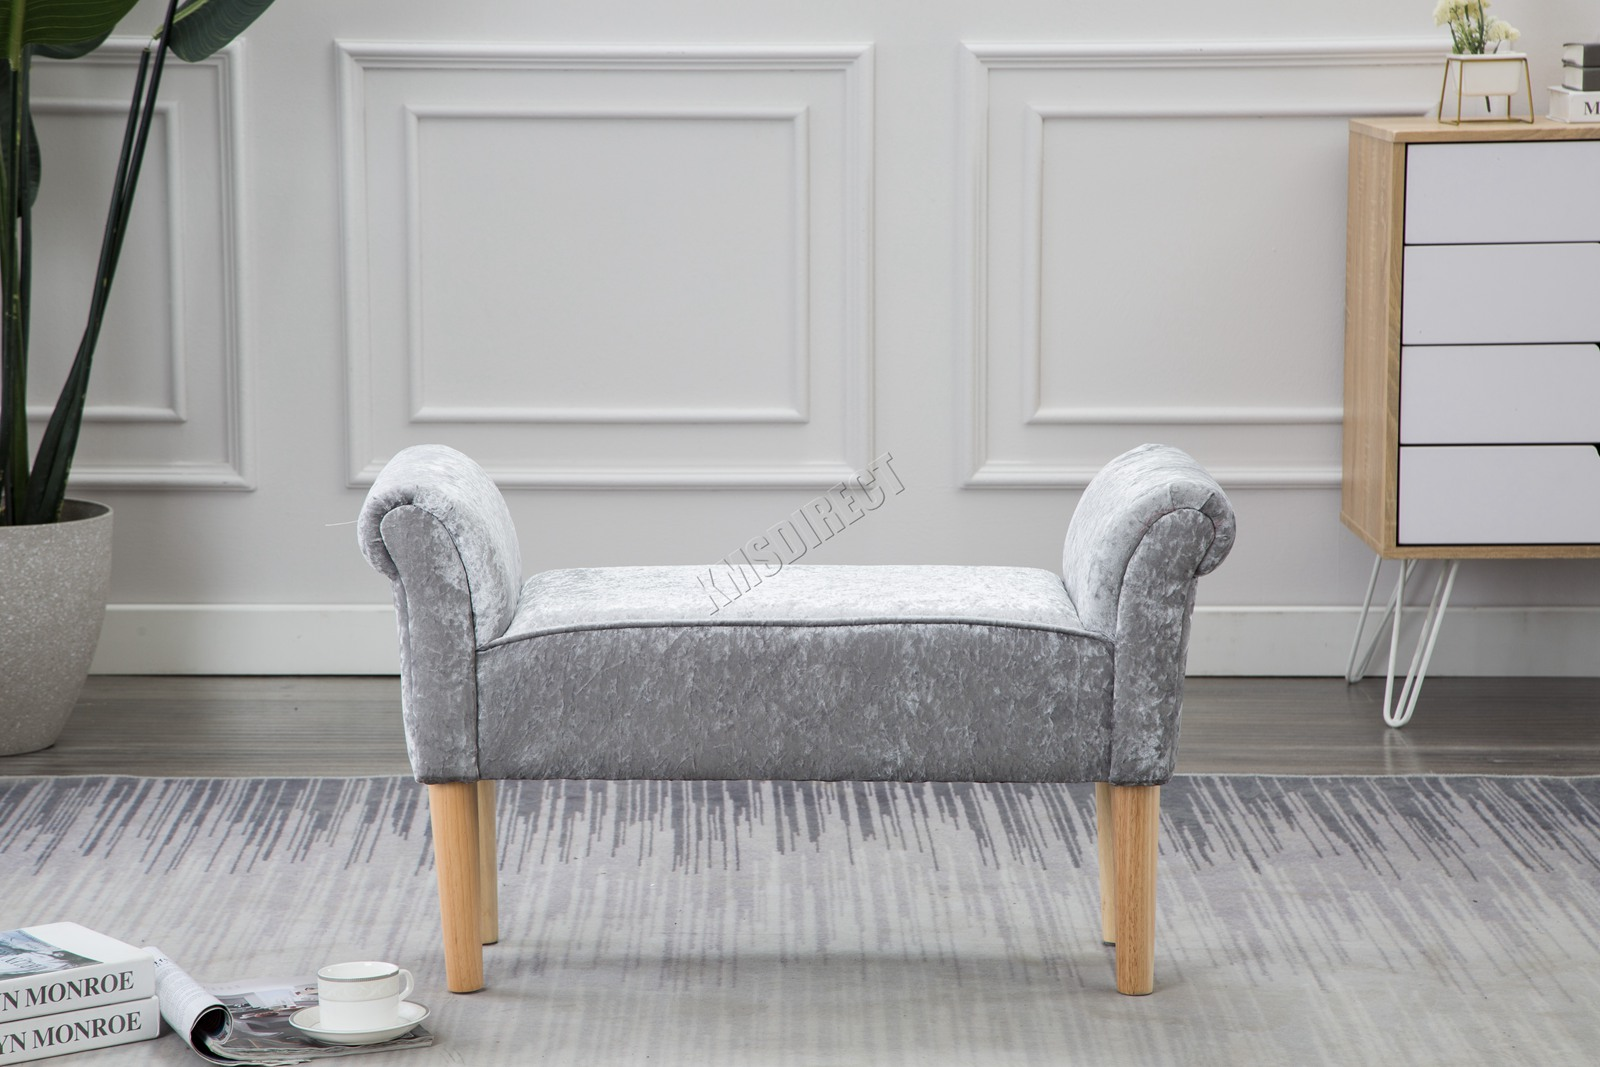 Westwood-Stoff-Bench-Fusshocker-Sitz-Pouf-Wuerfelfoermig-Polsterhocker-Schlafzimmer Indexbild 34